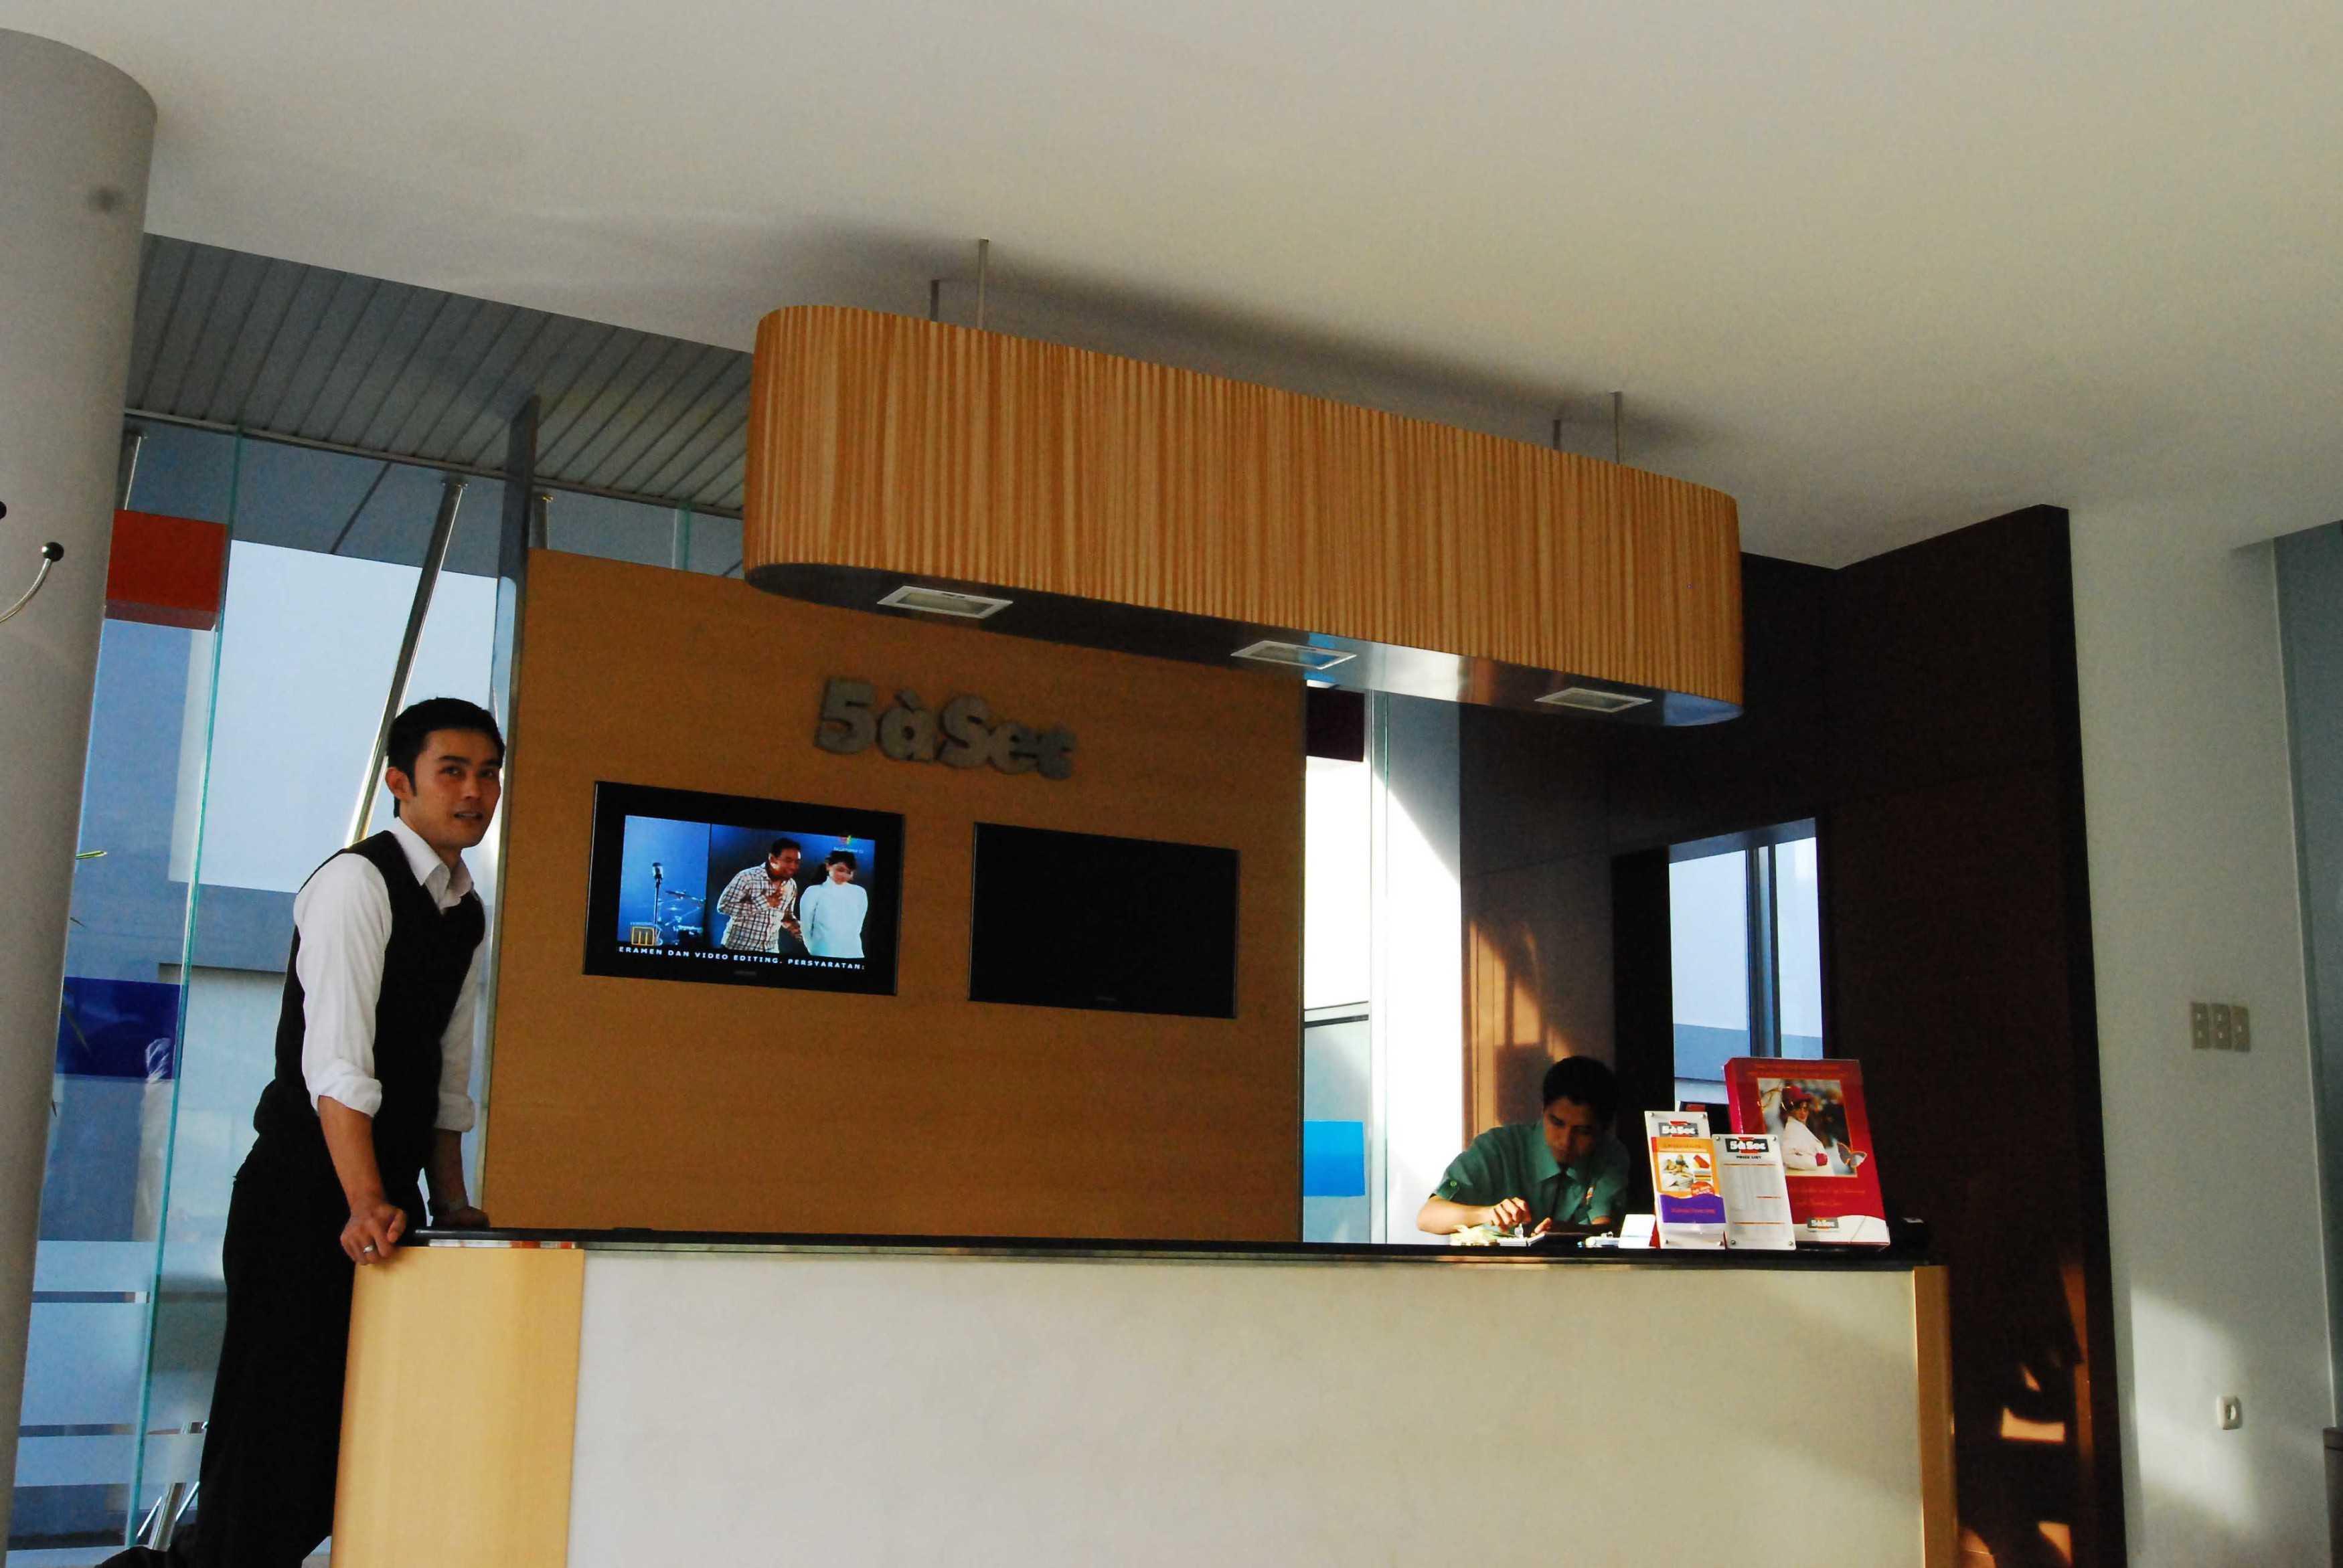 Pt. Garisprada 5Asec Balikpapan Balikpapan Balikpapan Reception Area Modern  22070